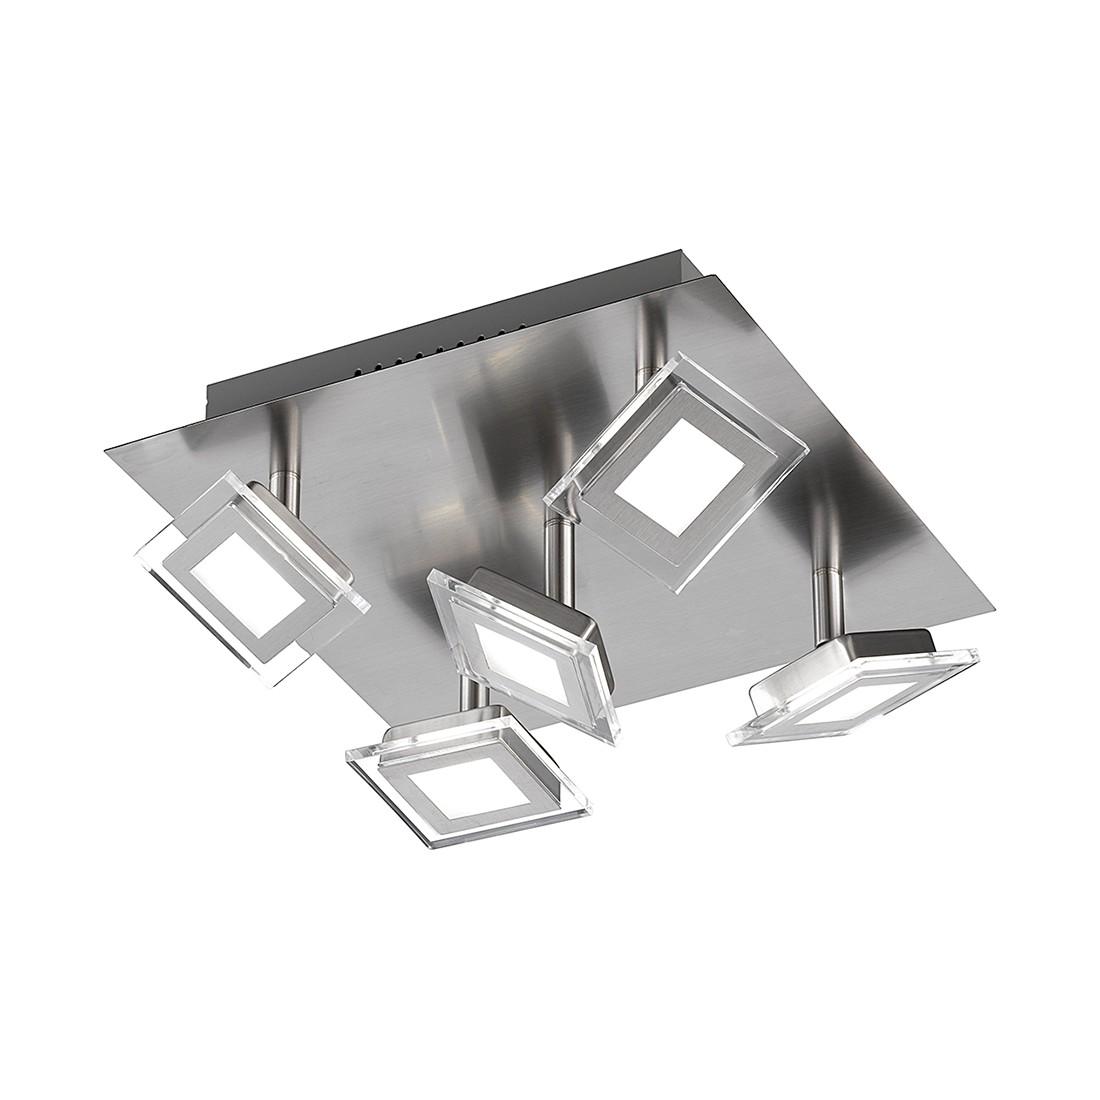 Deckenleuchte CHOLET ● Metall/Kunststoff ● 5-flammig- Lux A+